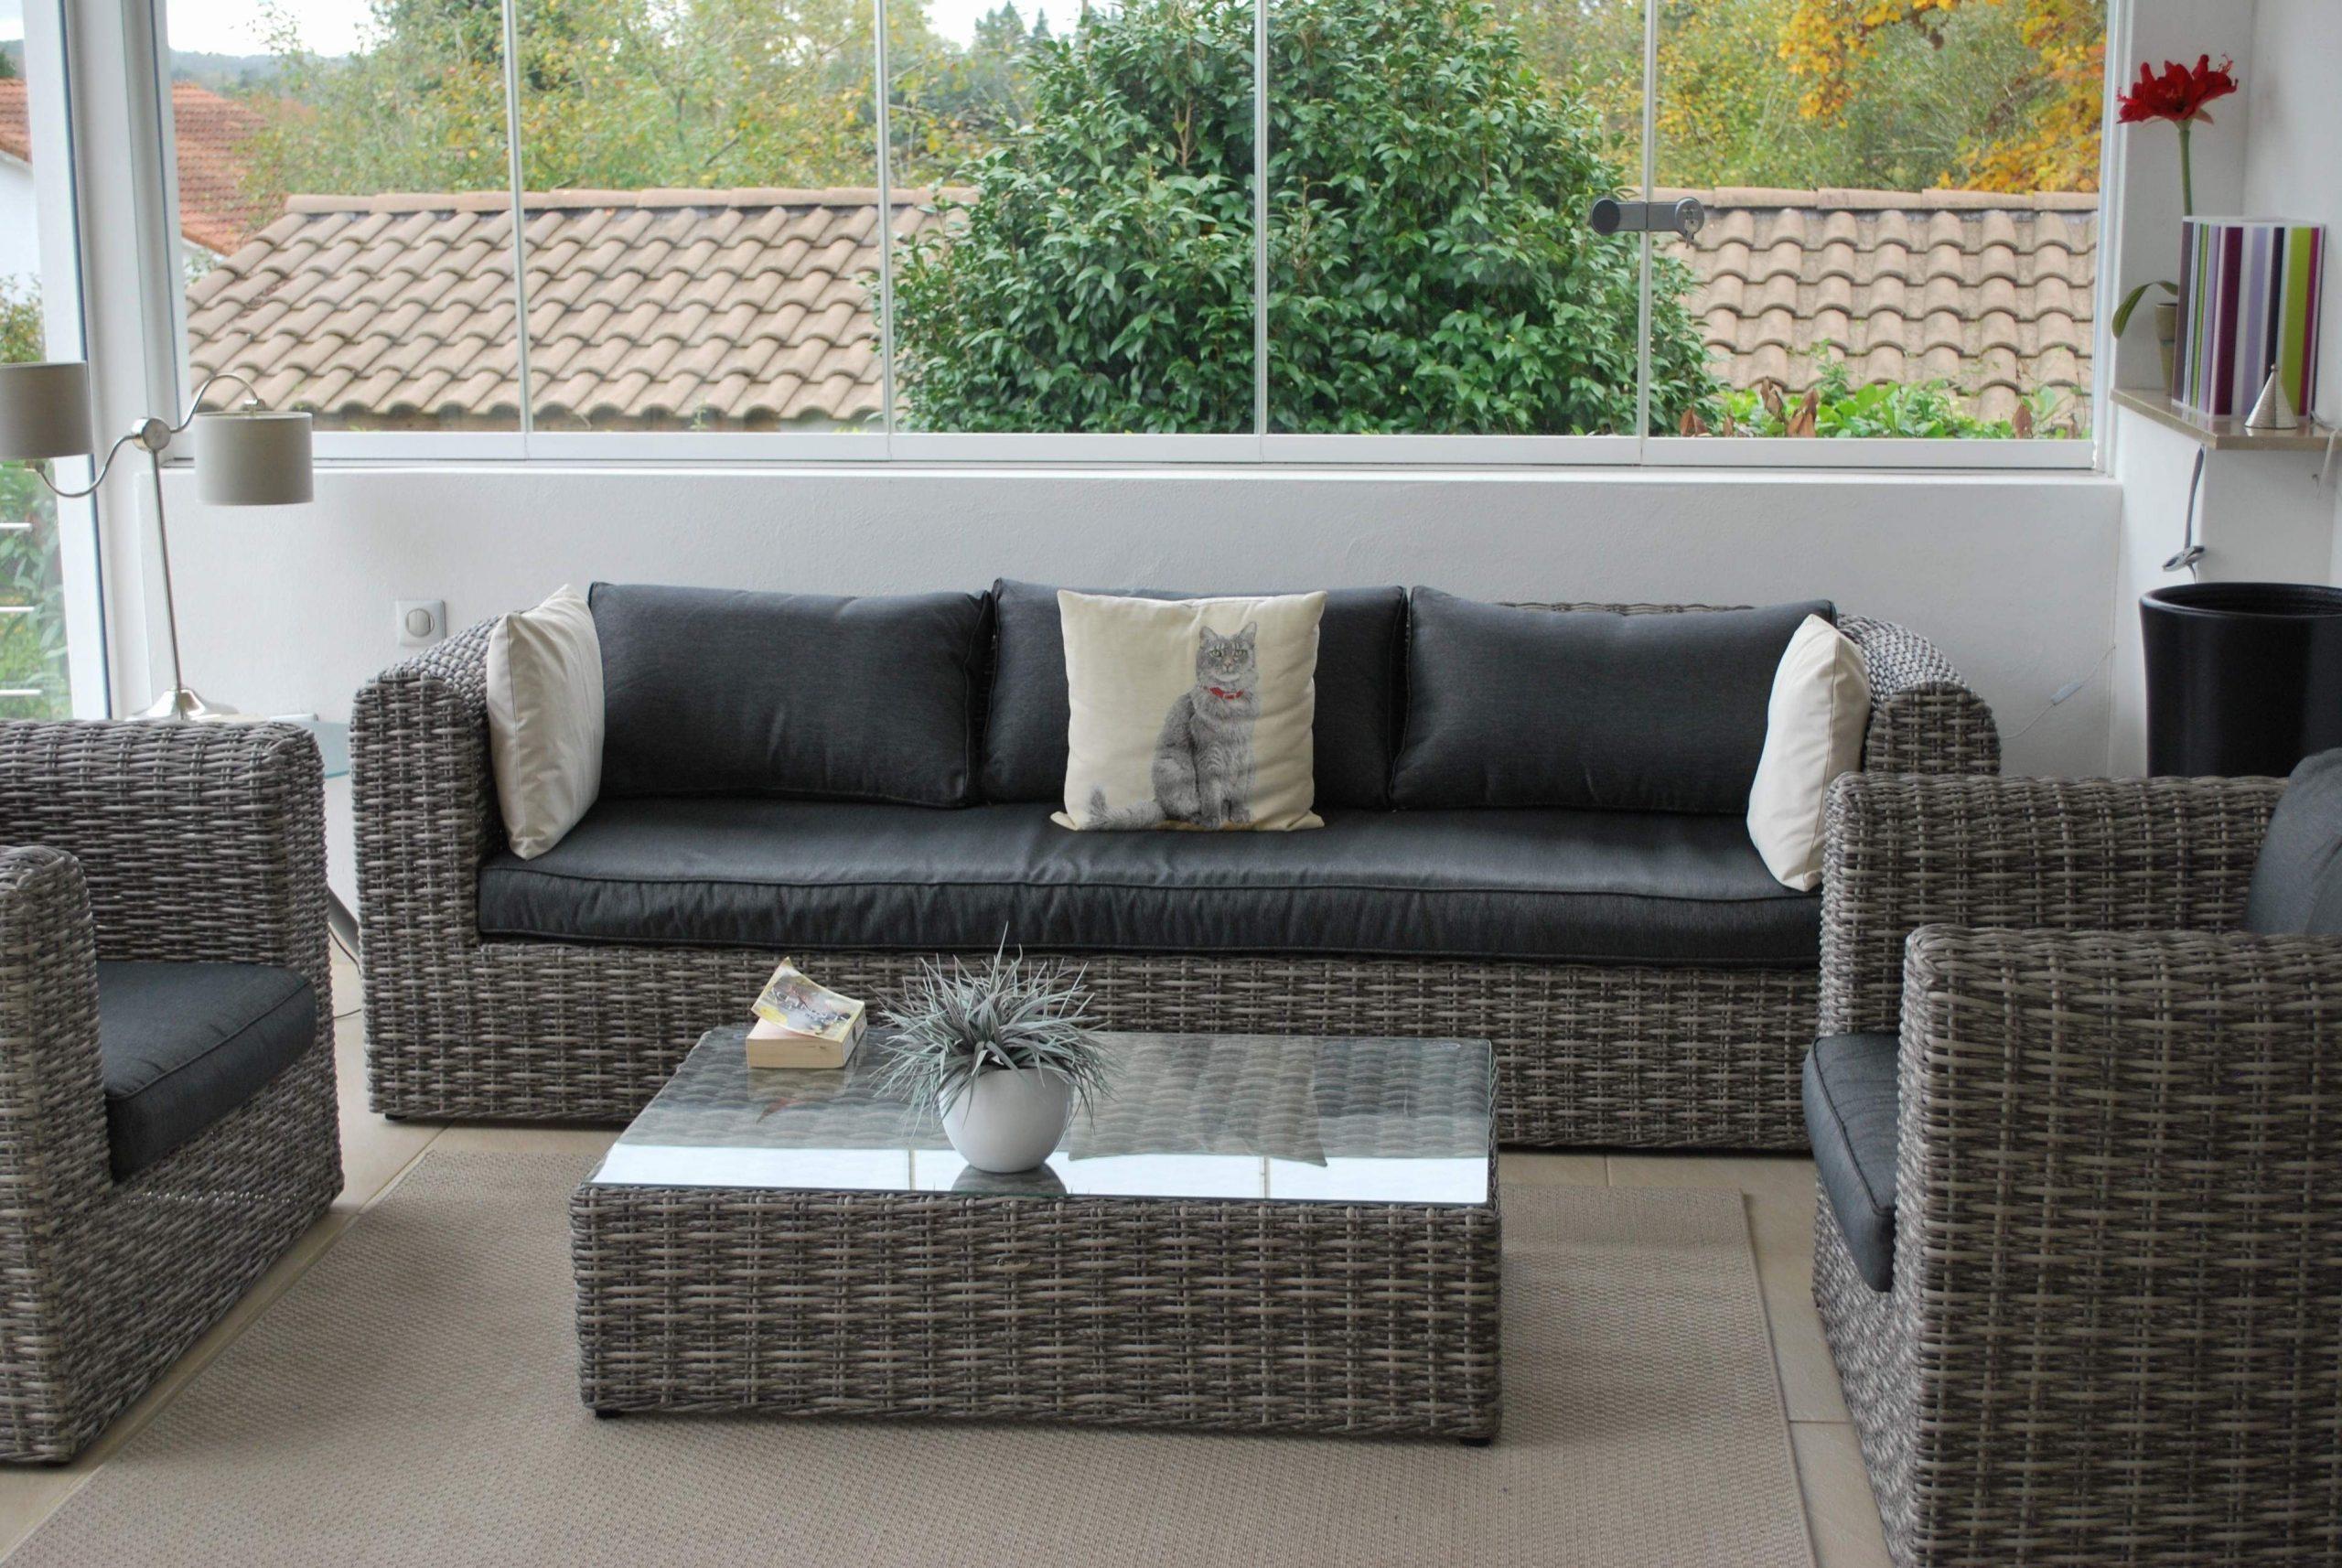 99 Salon De Jardin Design Luxe avec Salon De Jardin Design Luxe